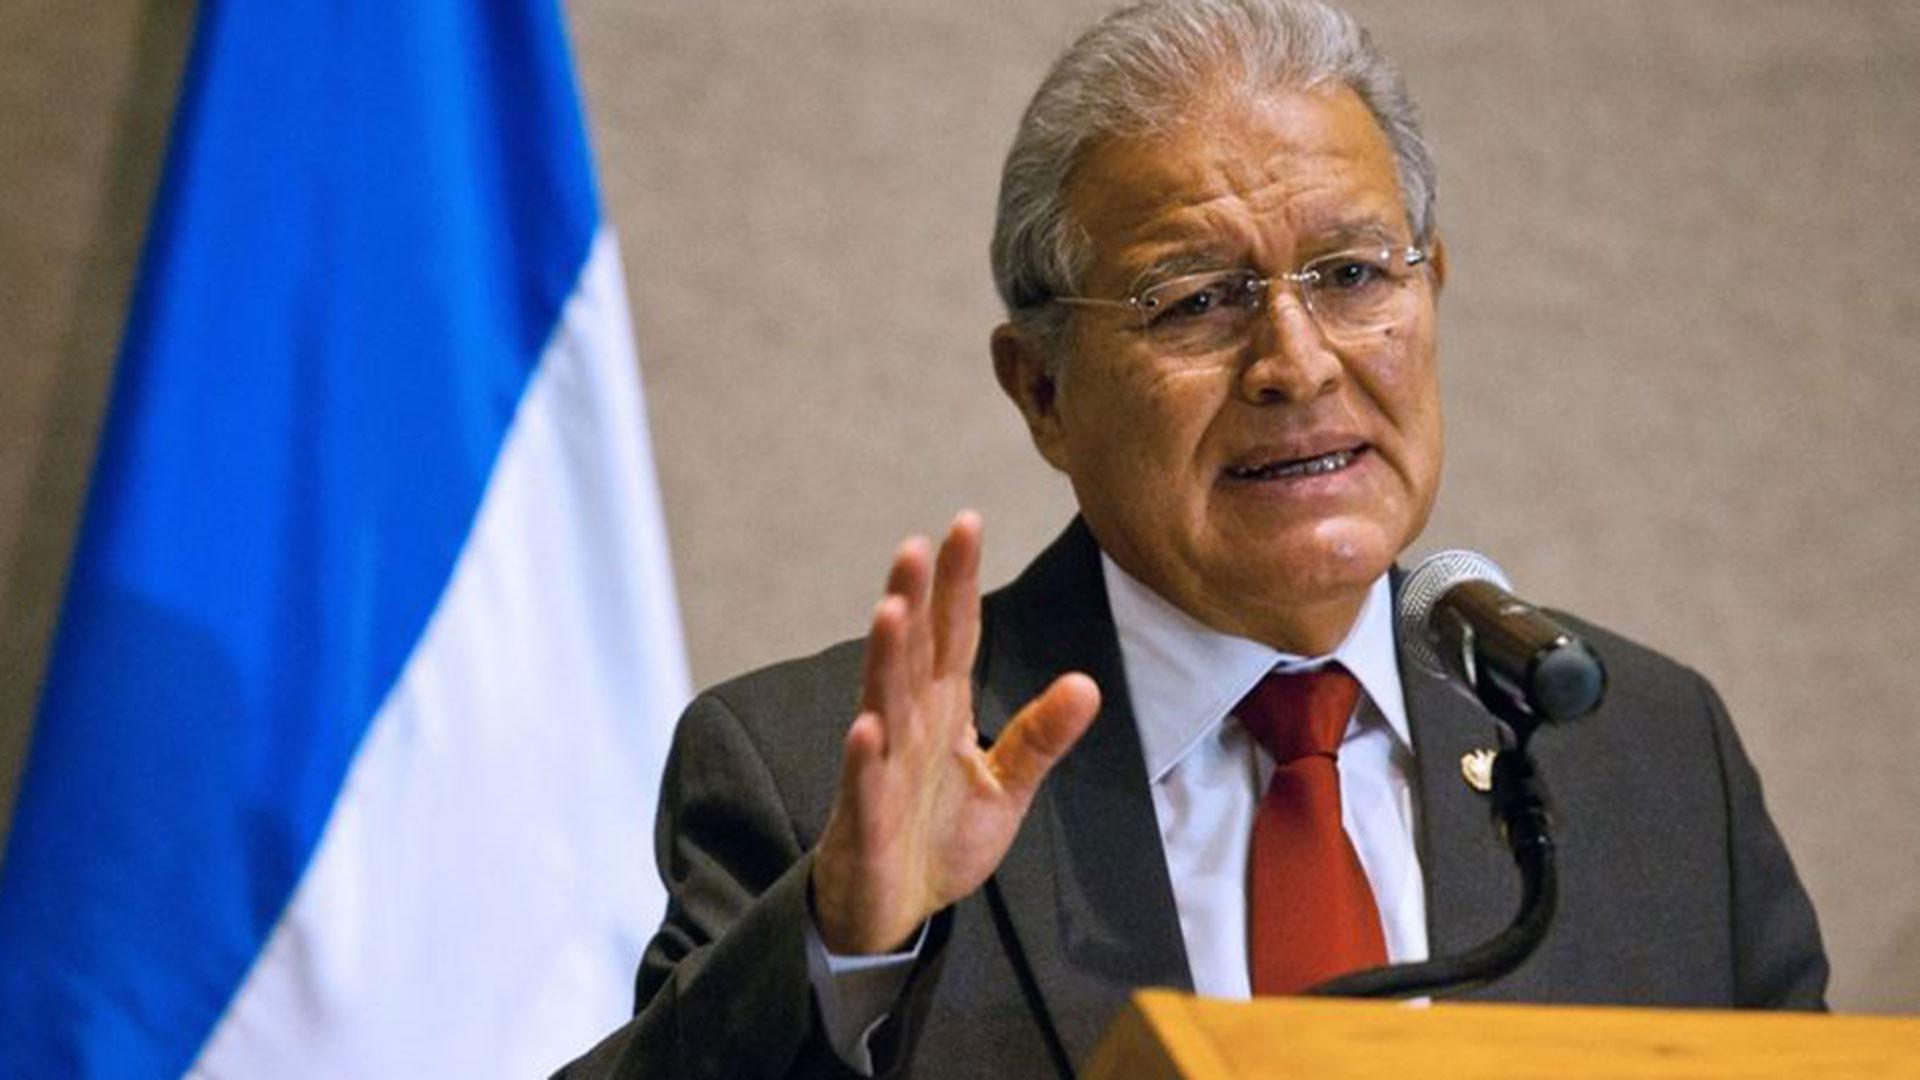 El presidente de El Salvador, Salvador Sánchez